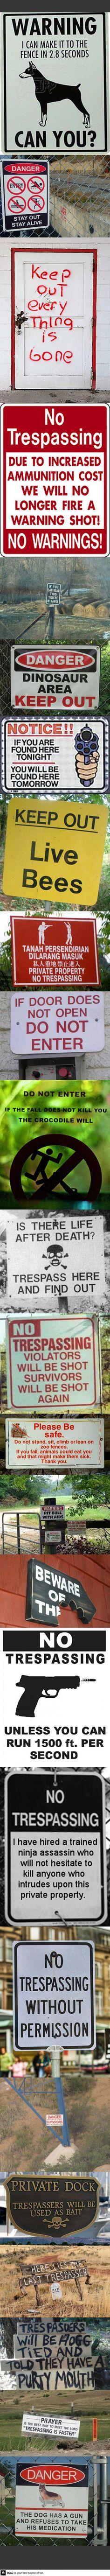 Brutally honest no trespassing signs.  Ok, I did laugh....